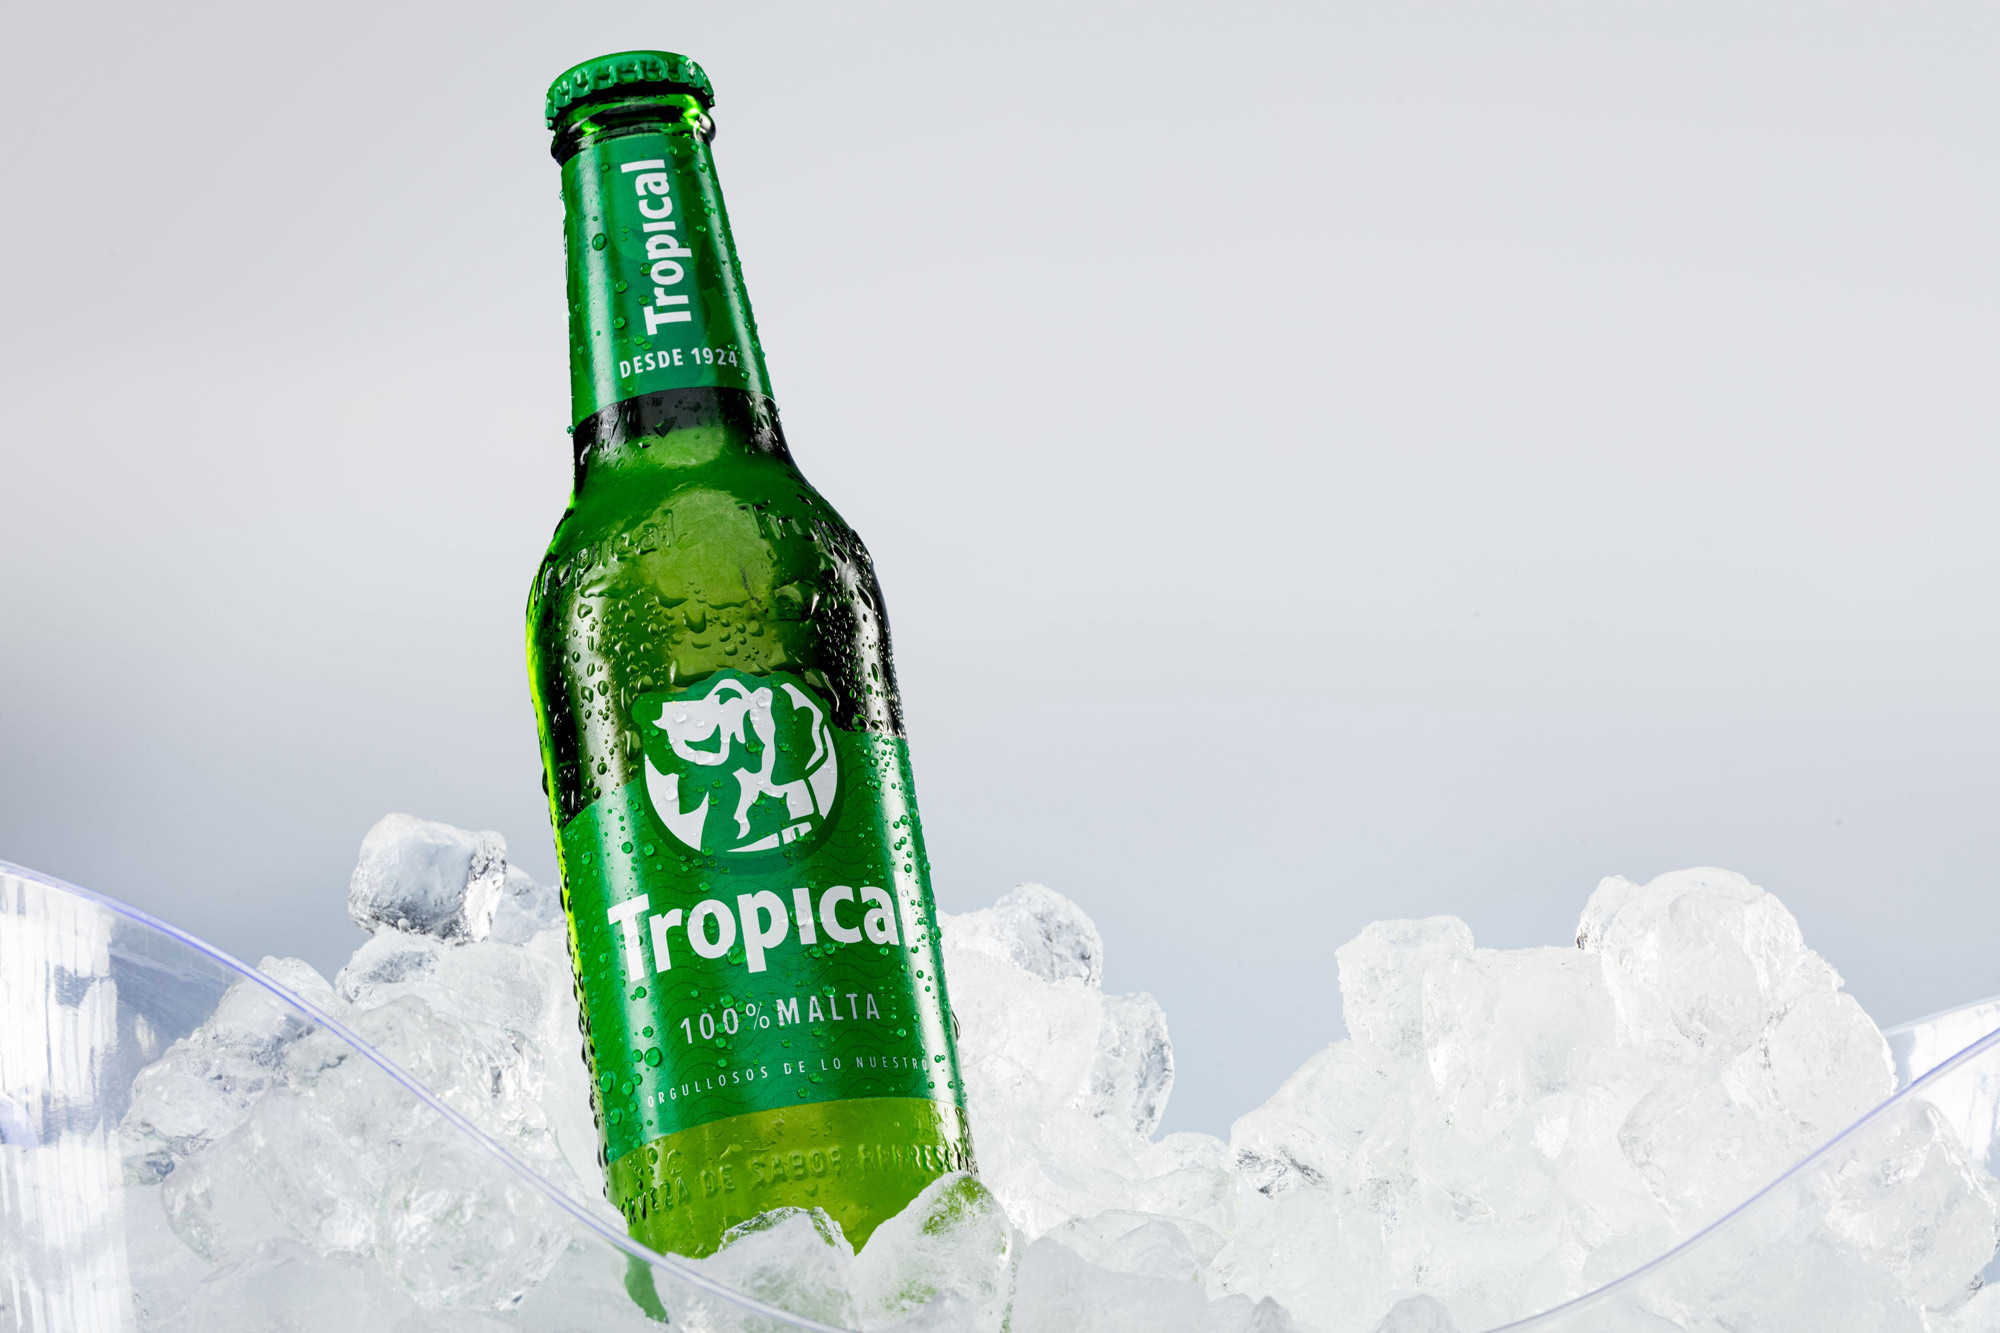 Tropical renueva su imagen con una apuesta por el reciclaje y la sostenibilidad